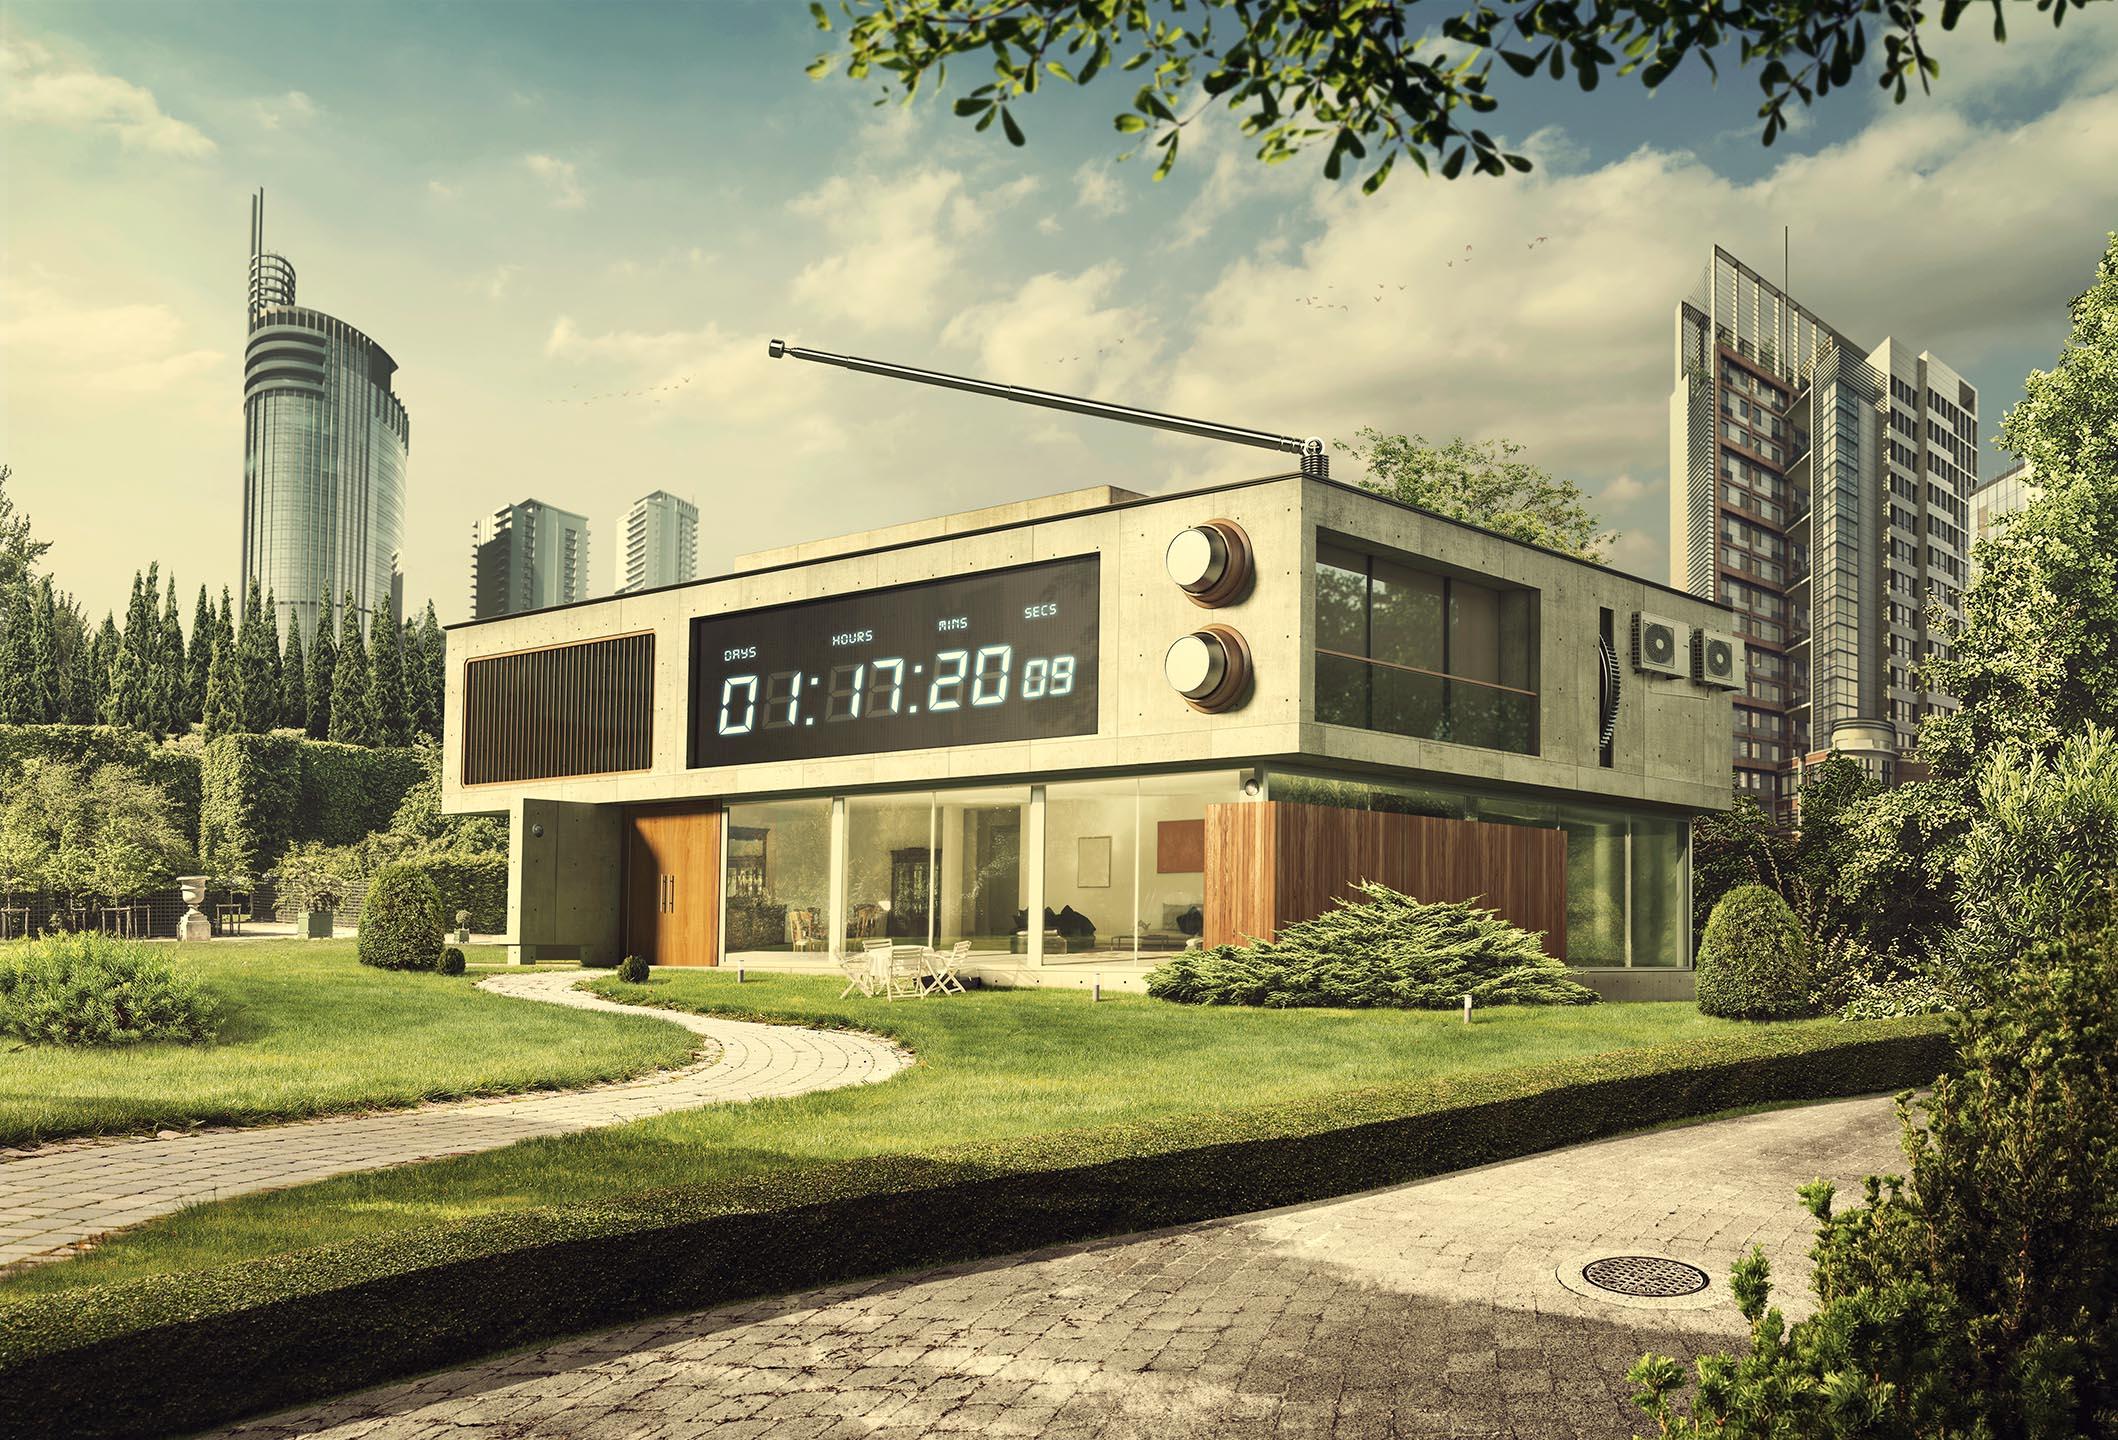 Chronometer House - Minimalistic